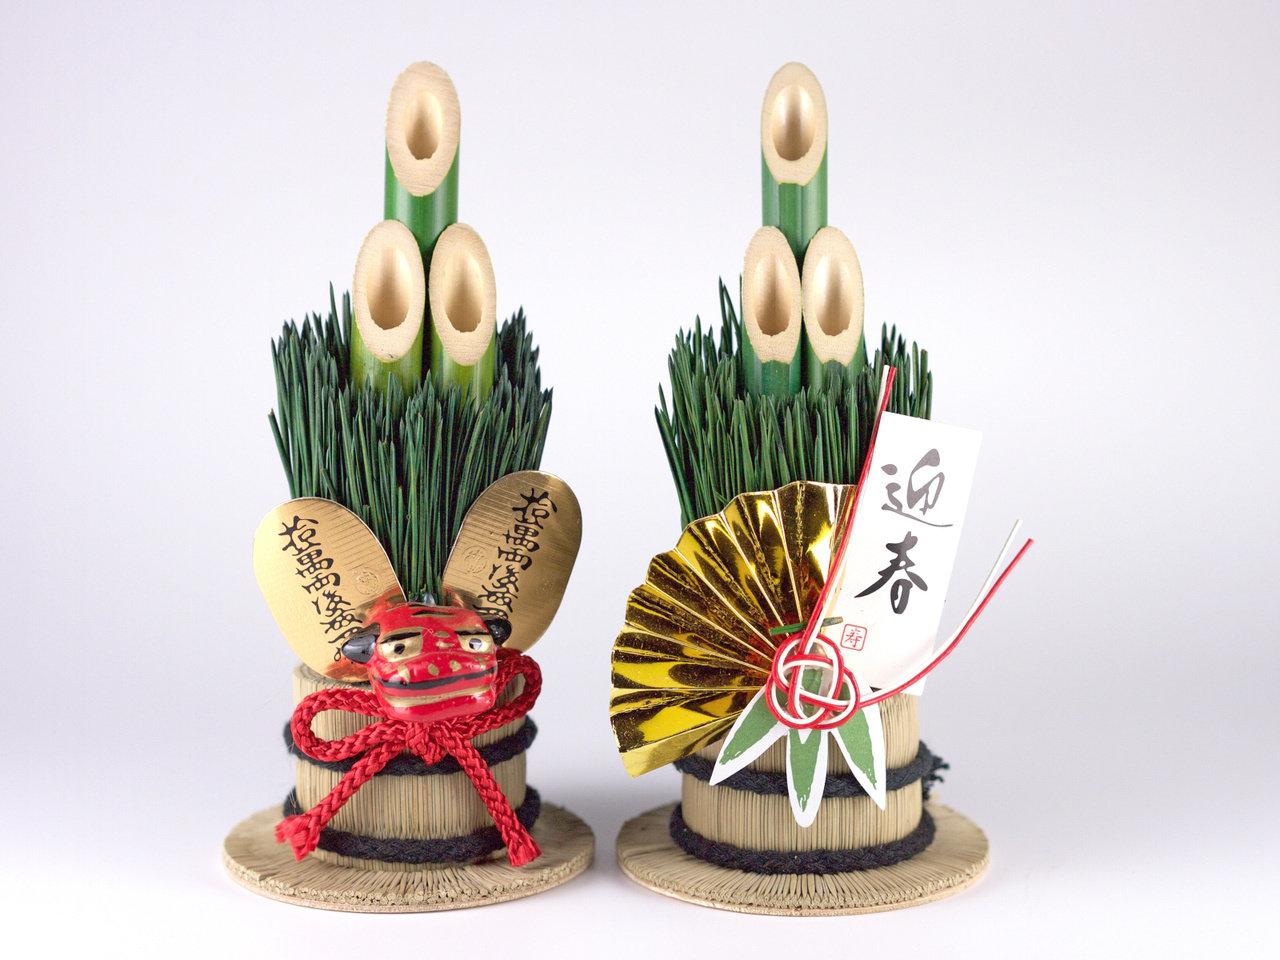 【正月クイズ】山梨県の風習。門松の代わりに飾るものは何?【ヒント:門松〇〇〇〇】